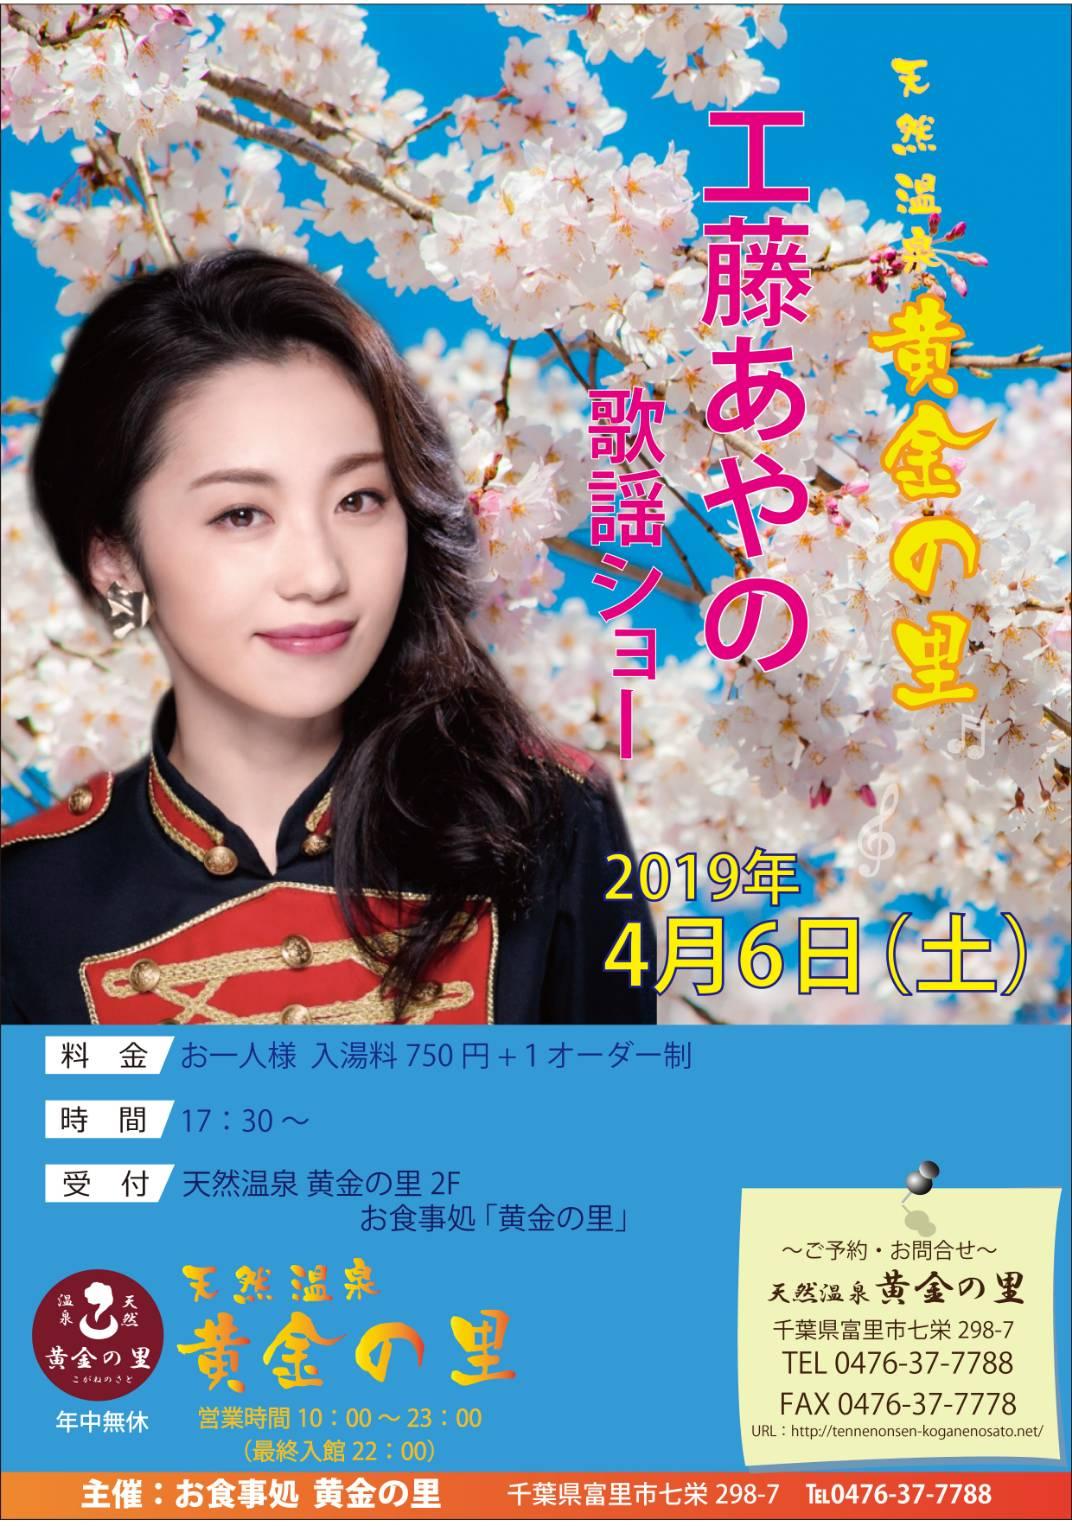 工藤あやの4月6日公演ポスター